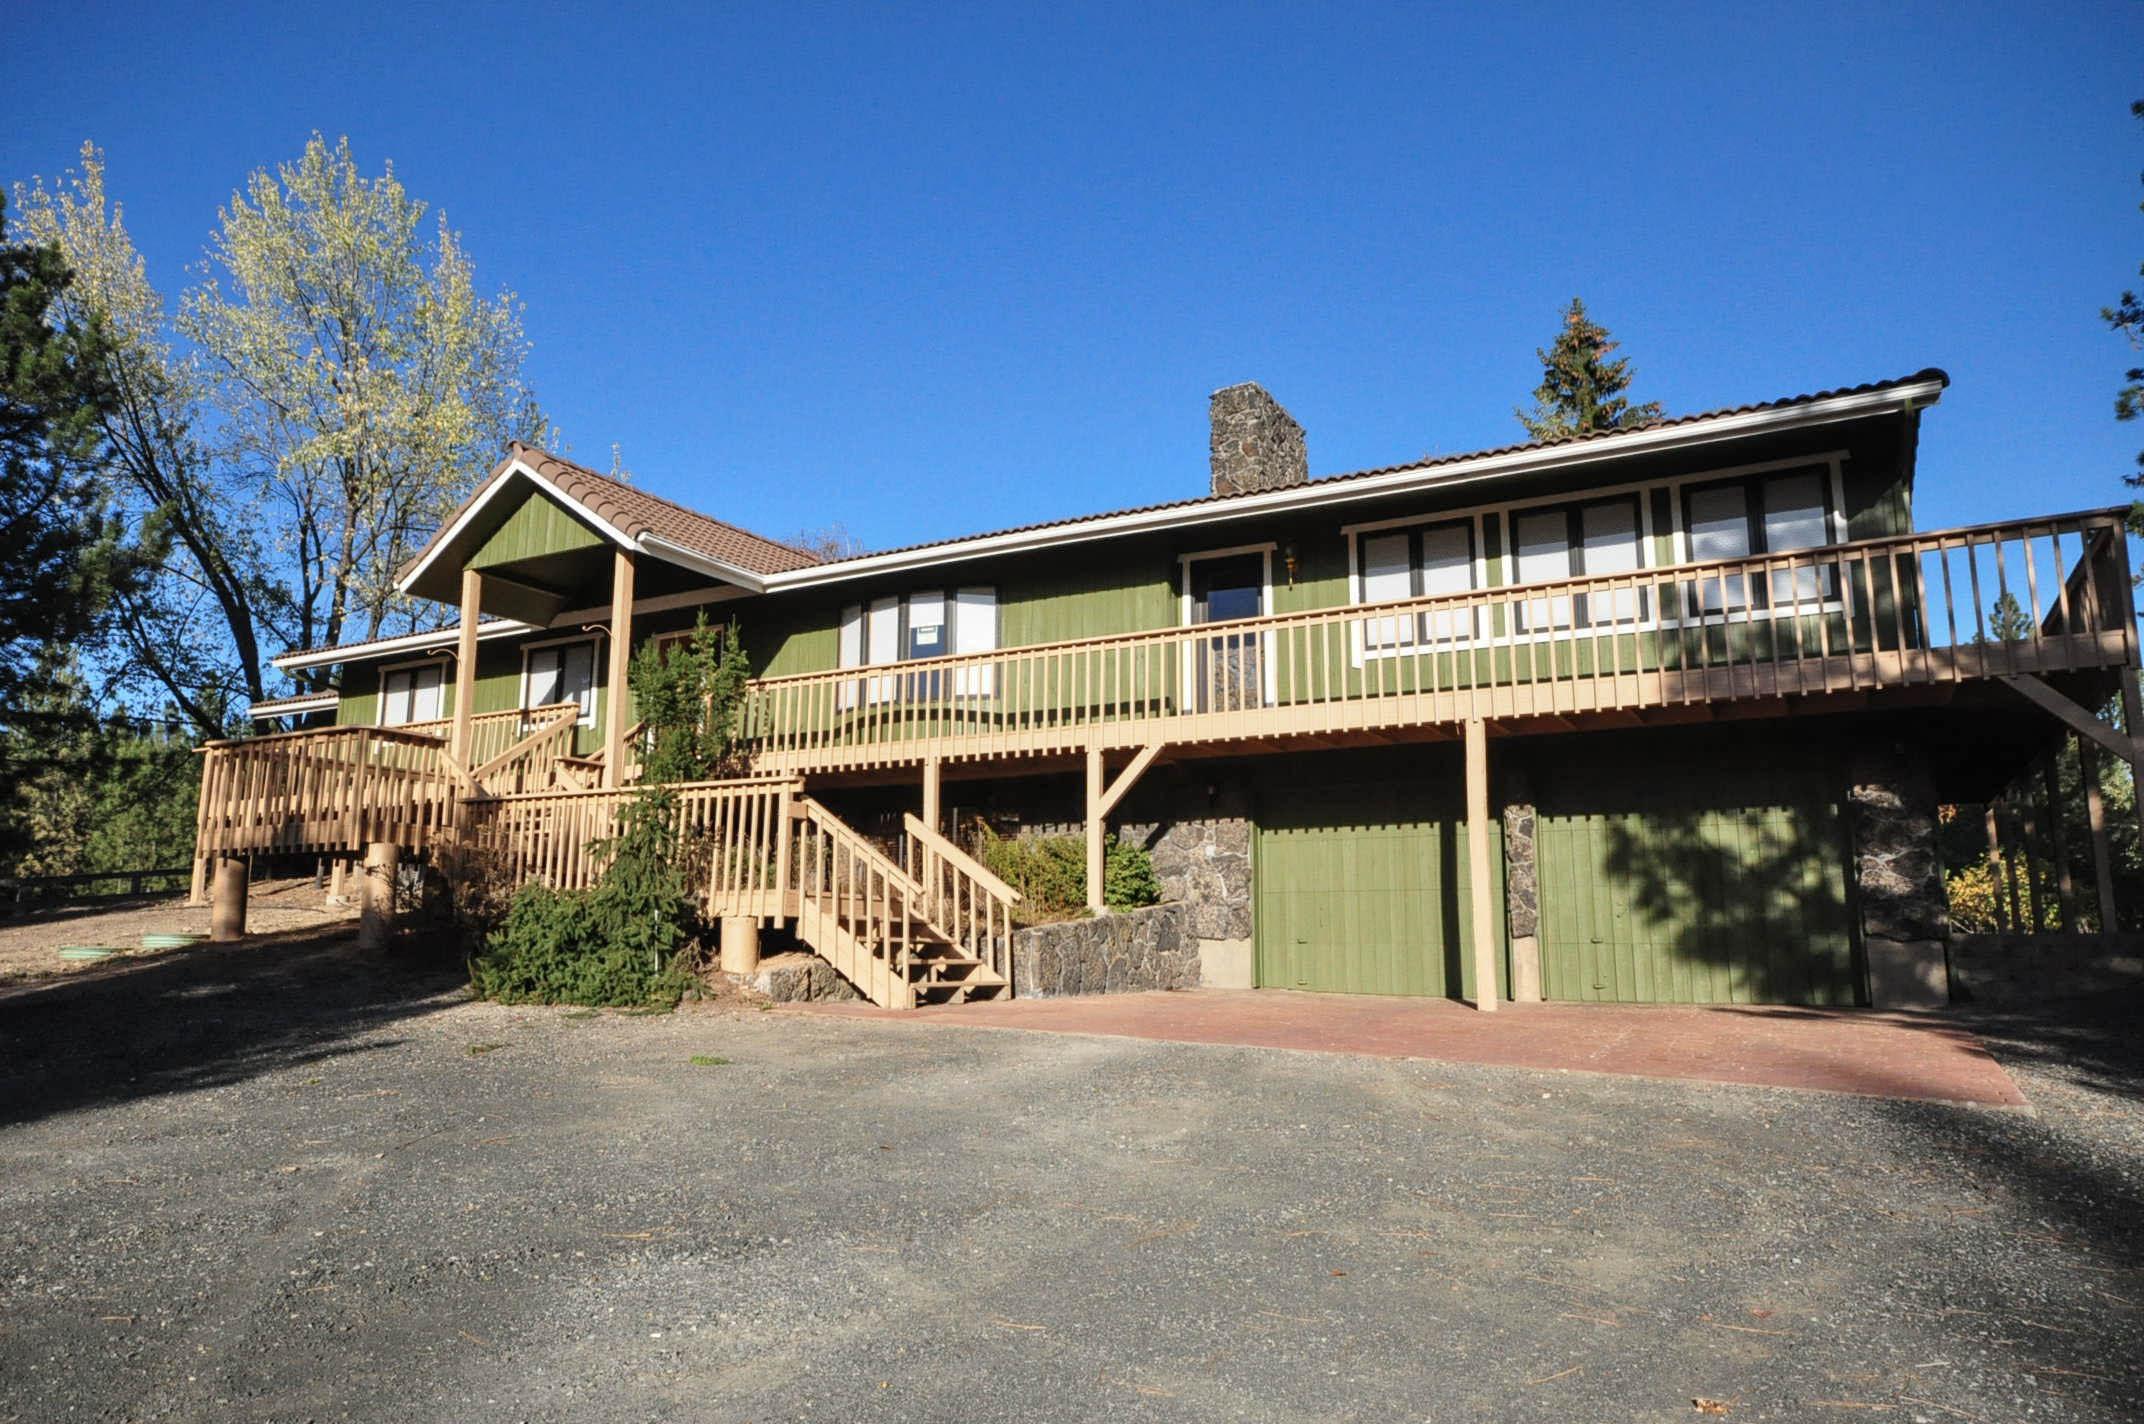 17023 E Scribner Spokane, WA Front View